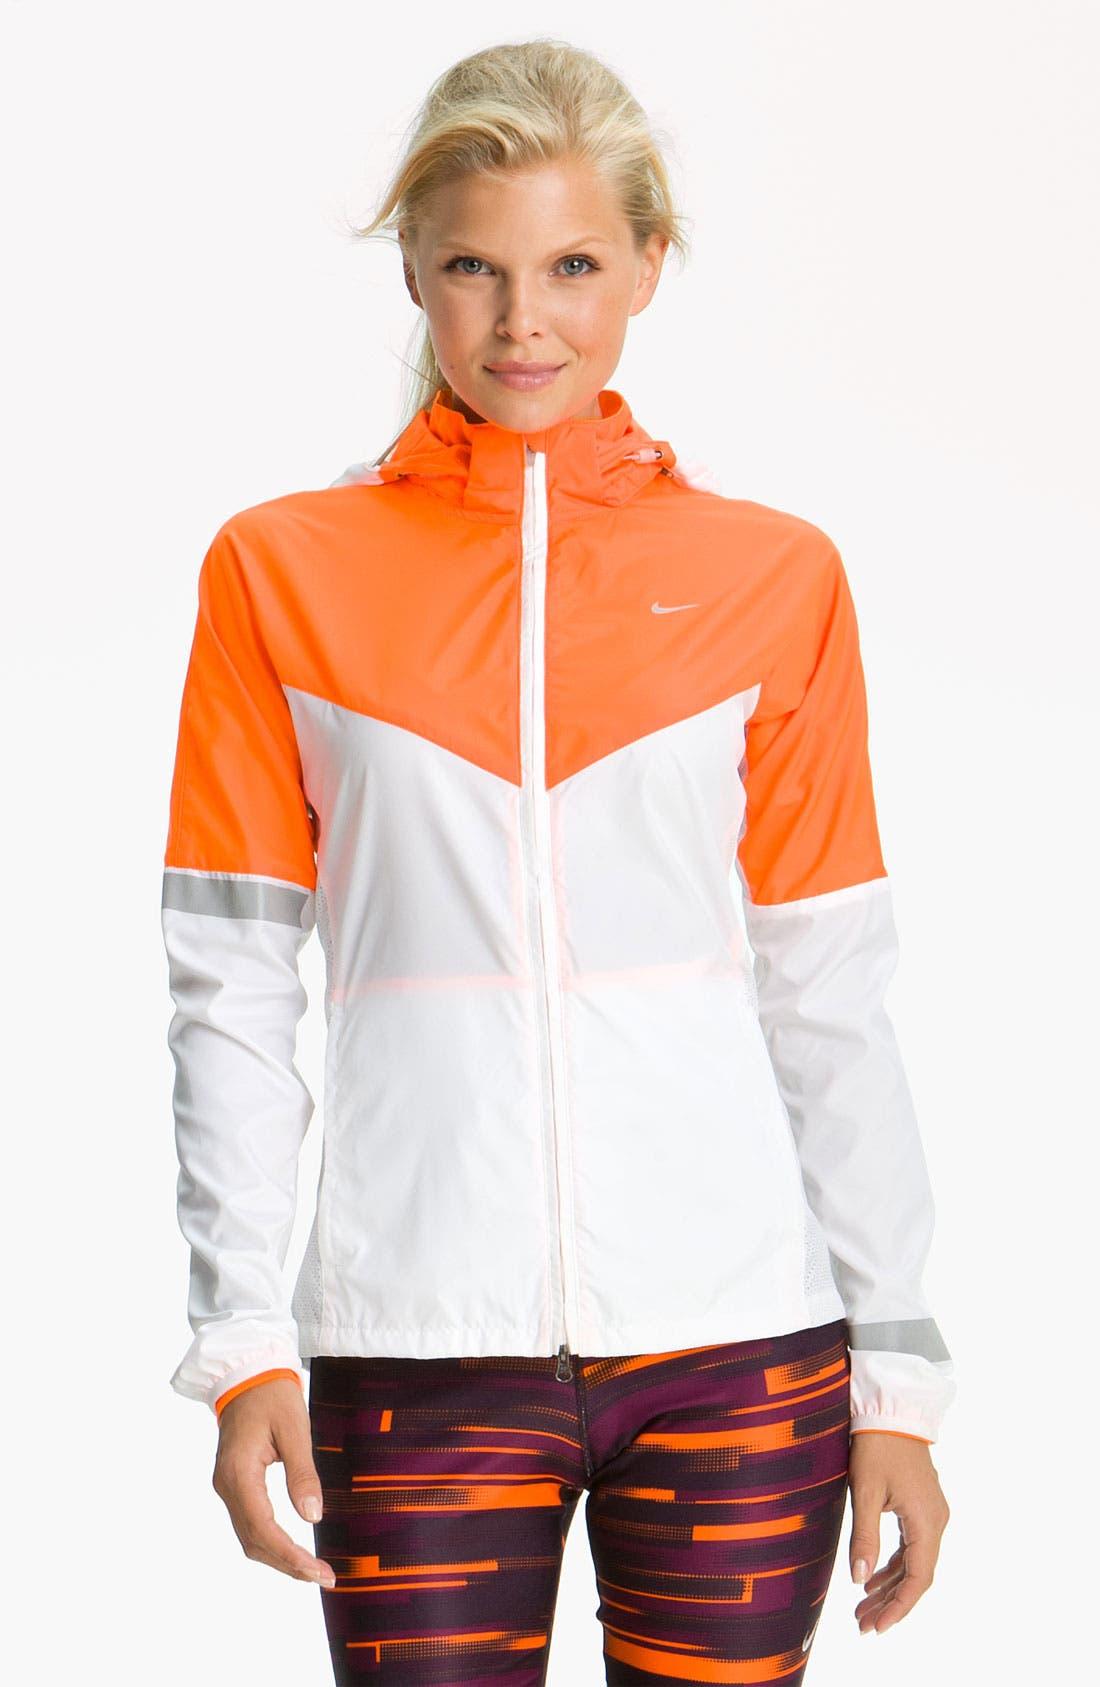 Main Image - Nike 'Vapor' Running Jacket